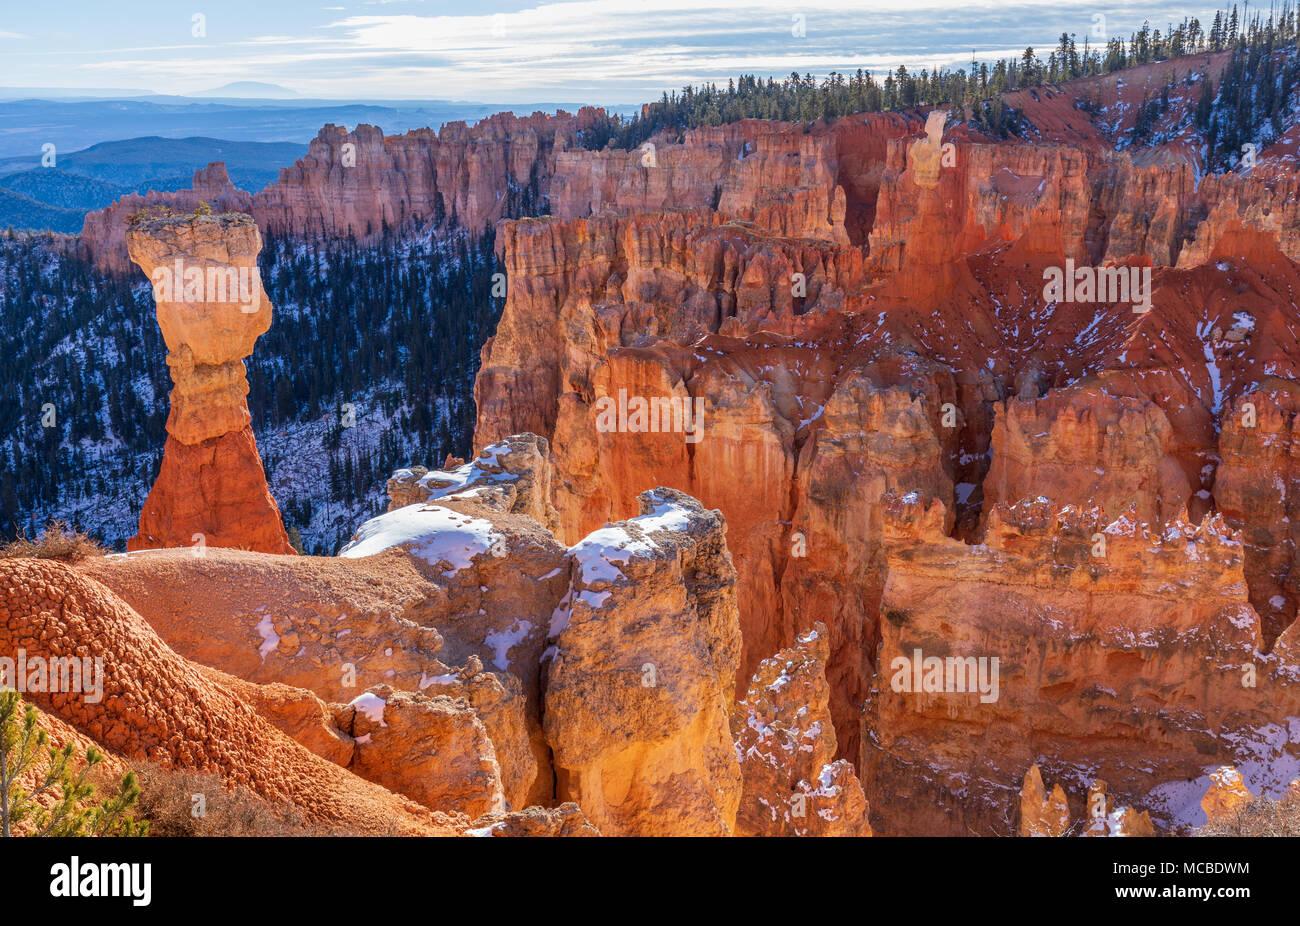 Le Parc National de Bryce Canyon pittoresque paysage de l'Utah en hiver Photo Stock